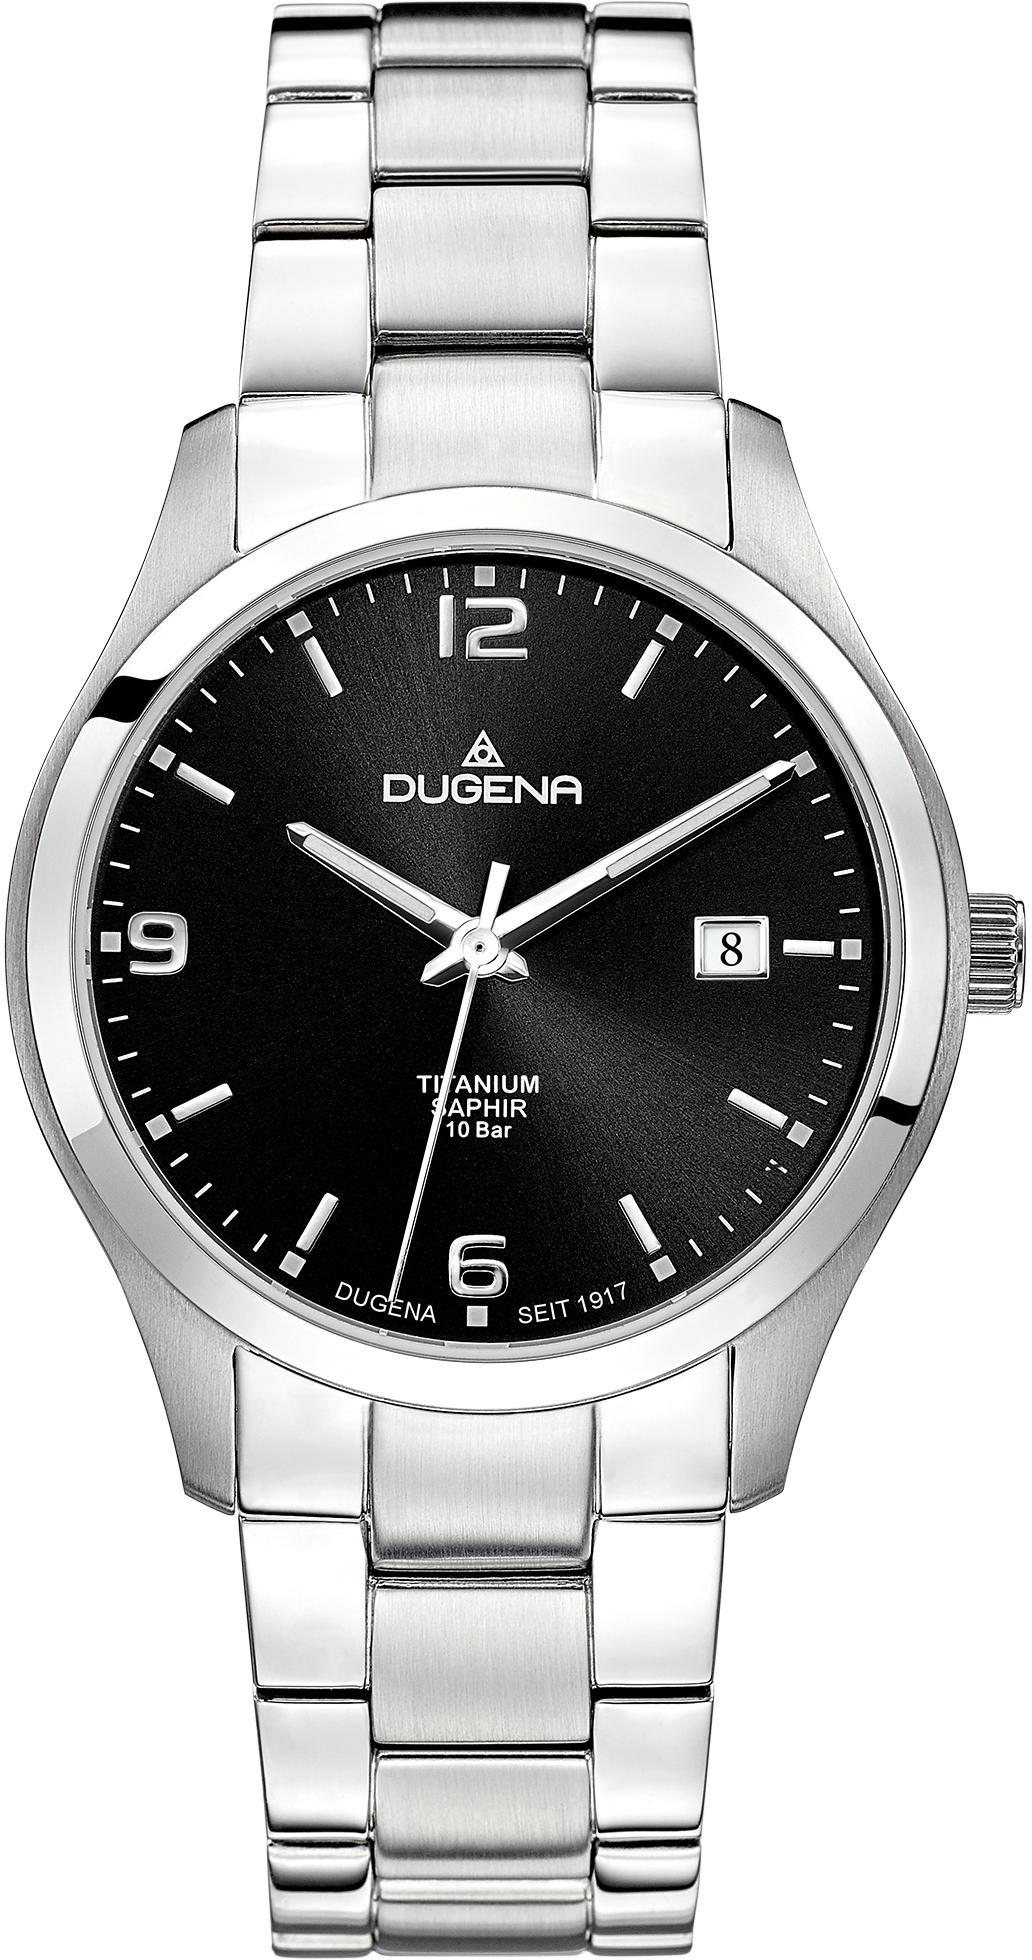 Dugena Titanuhr Tresor Titan, 4460697 | Uhren > Titanuhren | Dugena